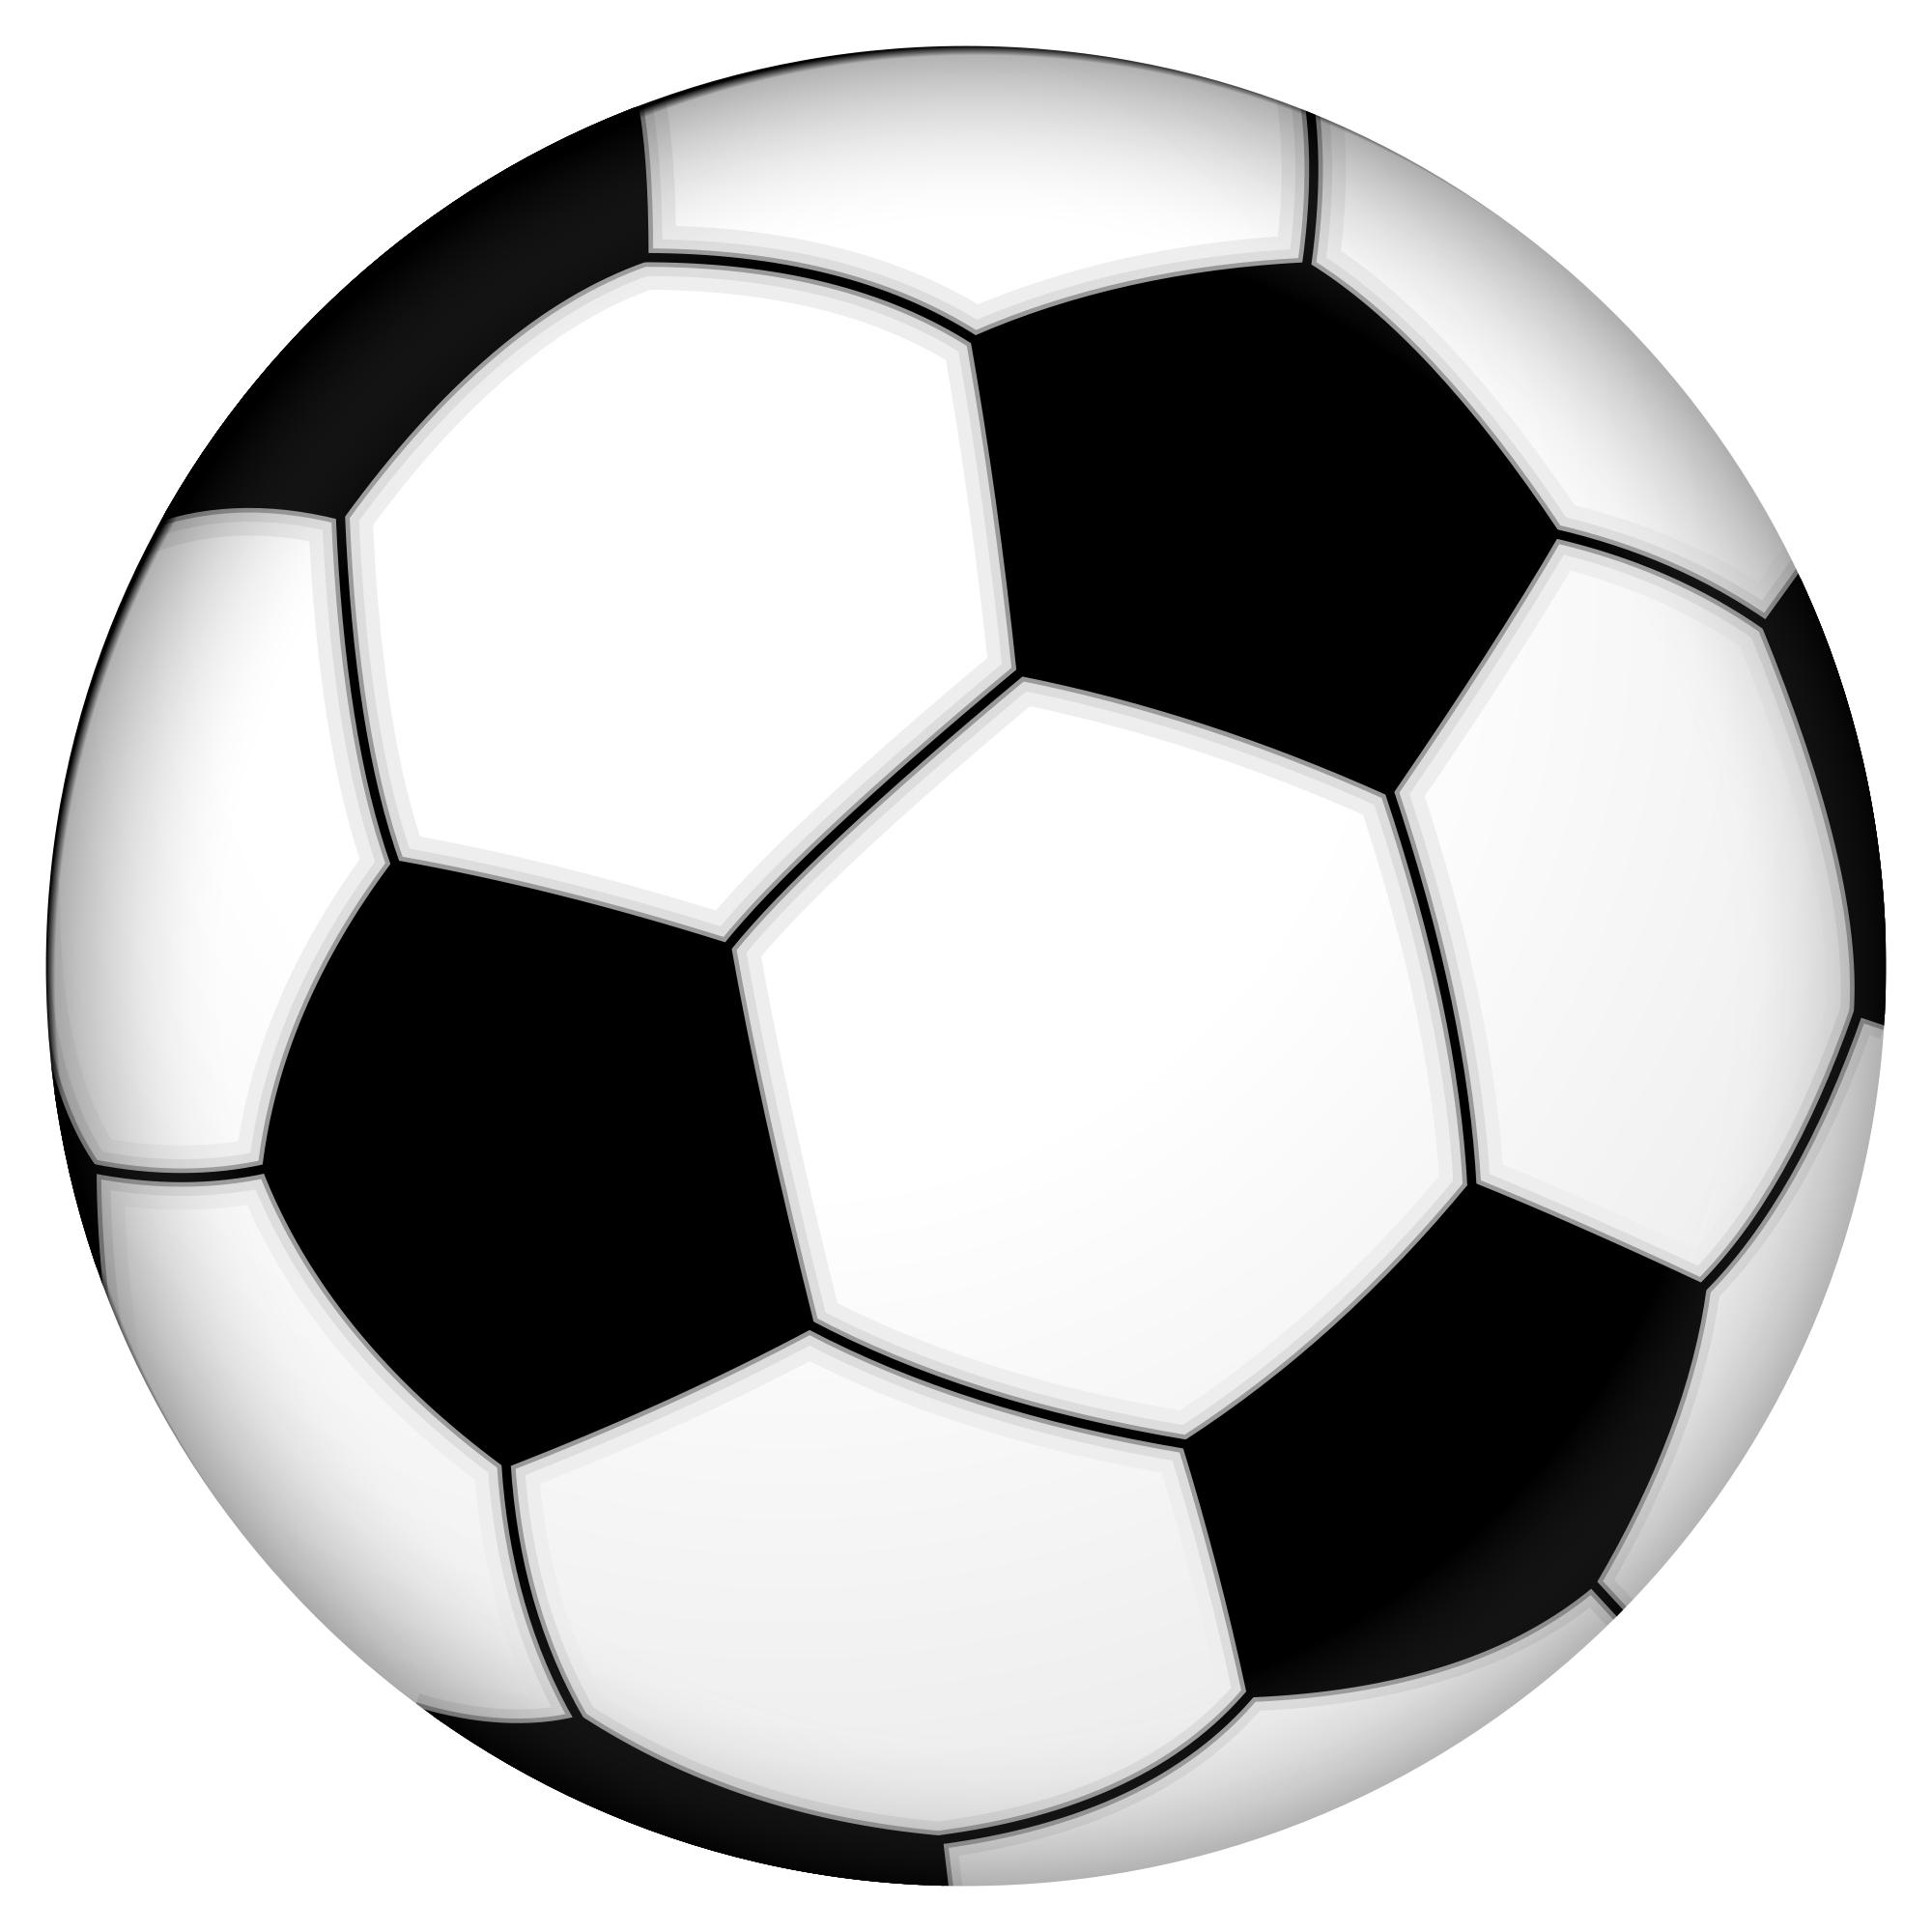 2000x2000 Clipart Soccer Ball